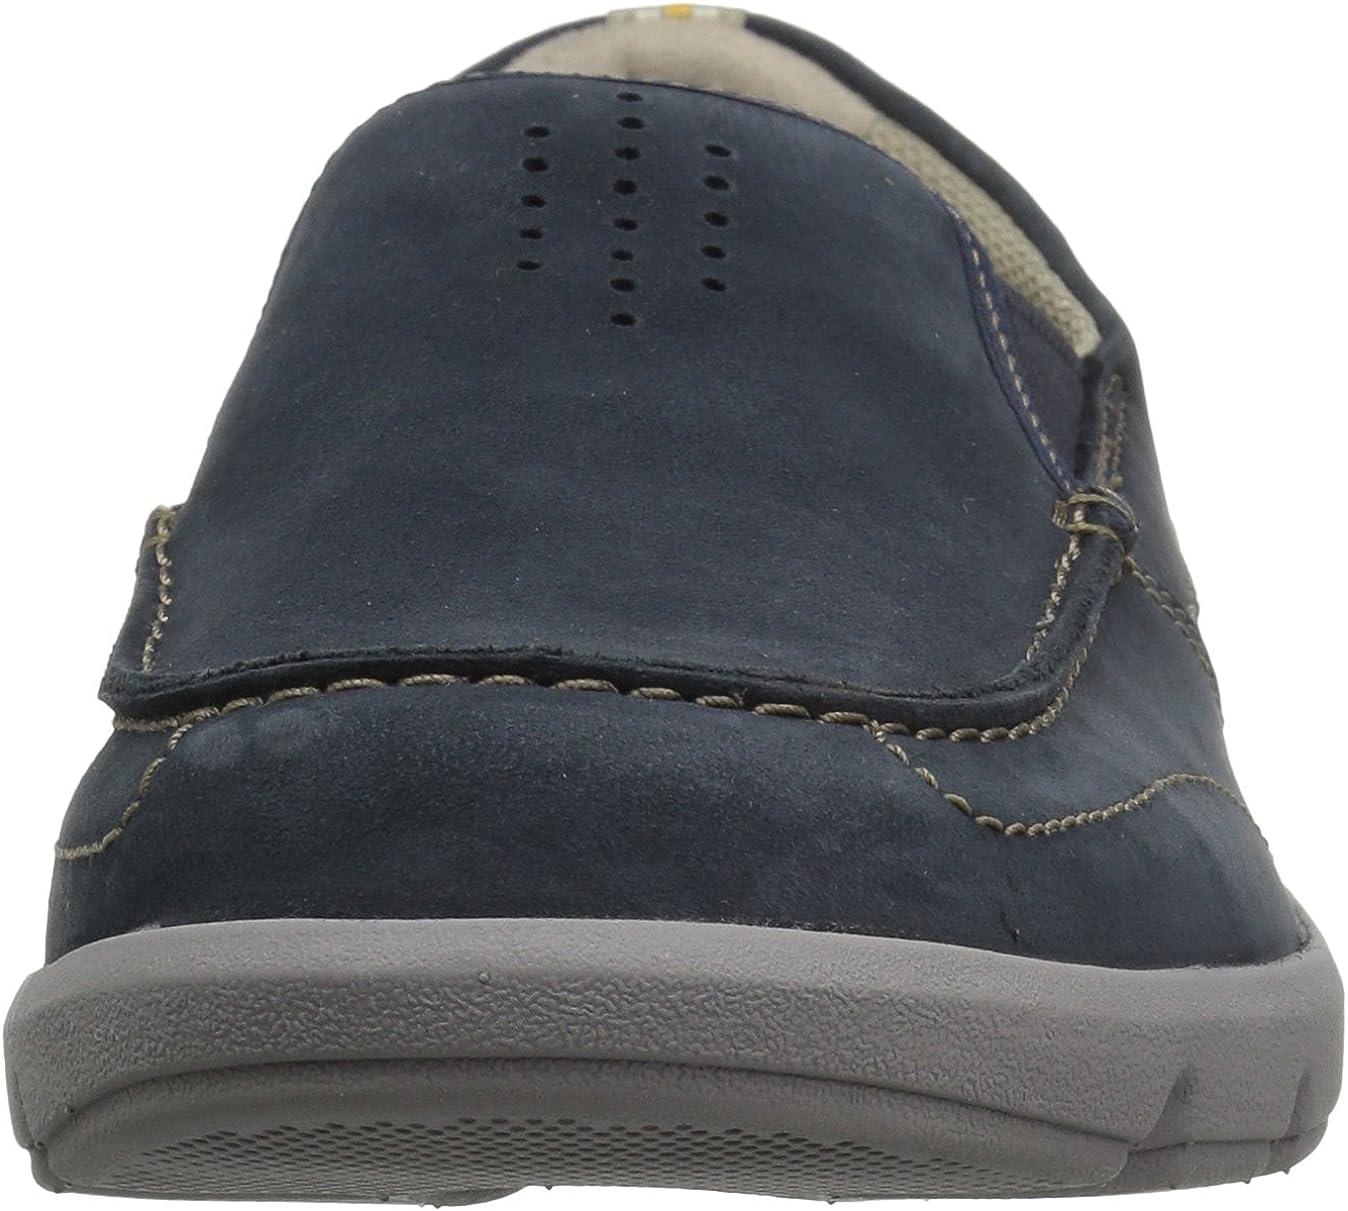 Amazon.com: Clarks Jarwin Race Mocasines para hombre: Shoes